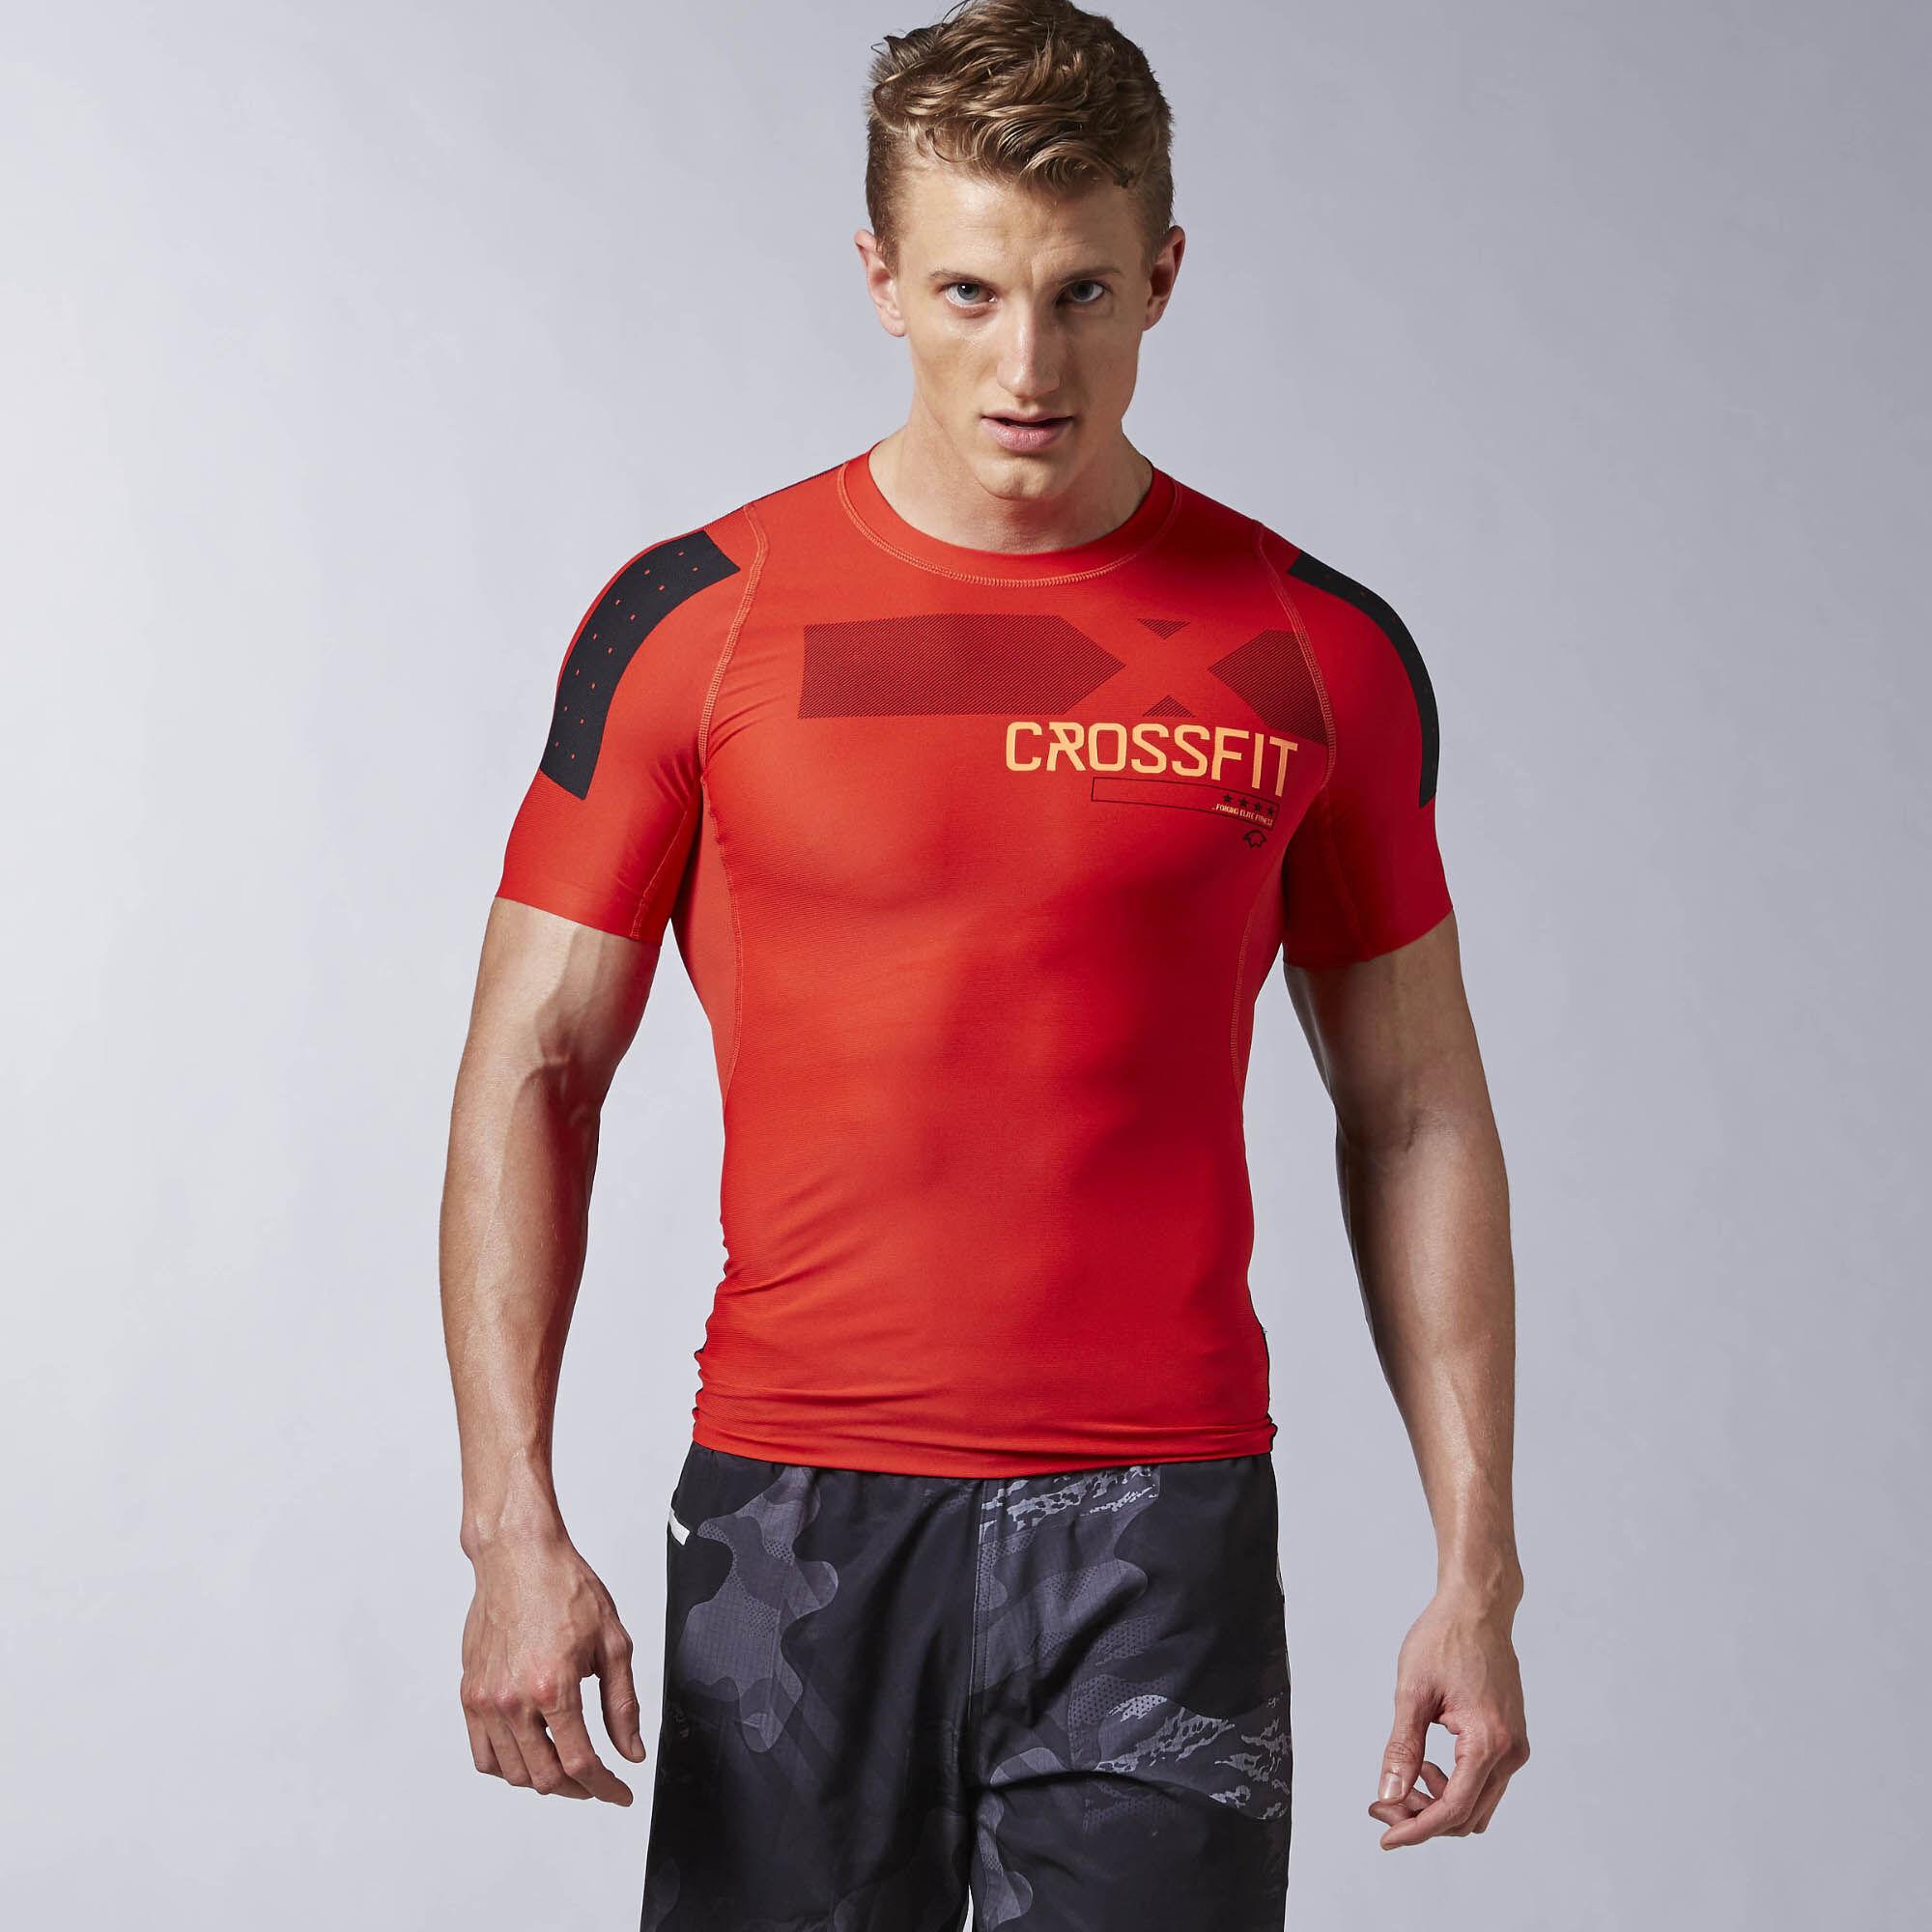 Reebok t shirt de compression reebok crossfit pwr6 rouge for Reebok crossfit t shirts